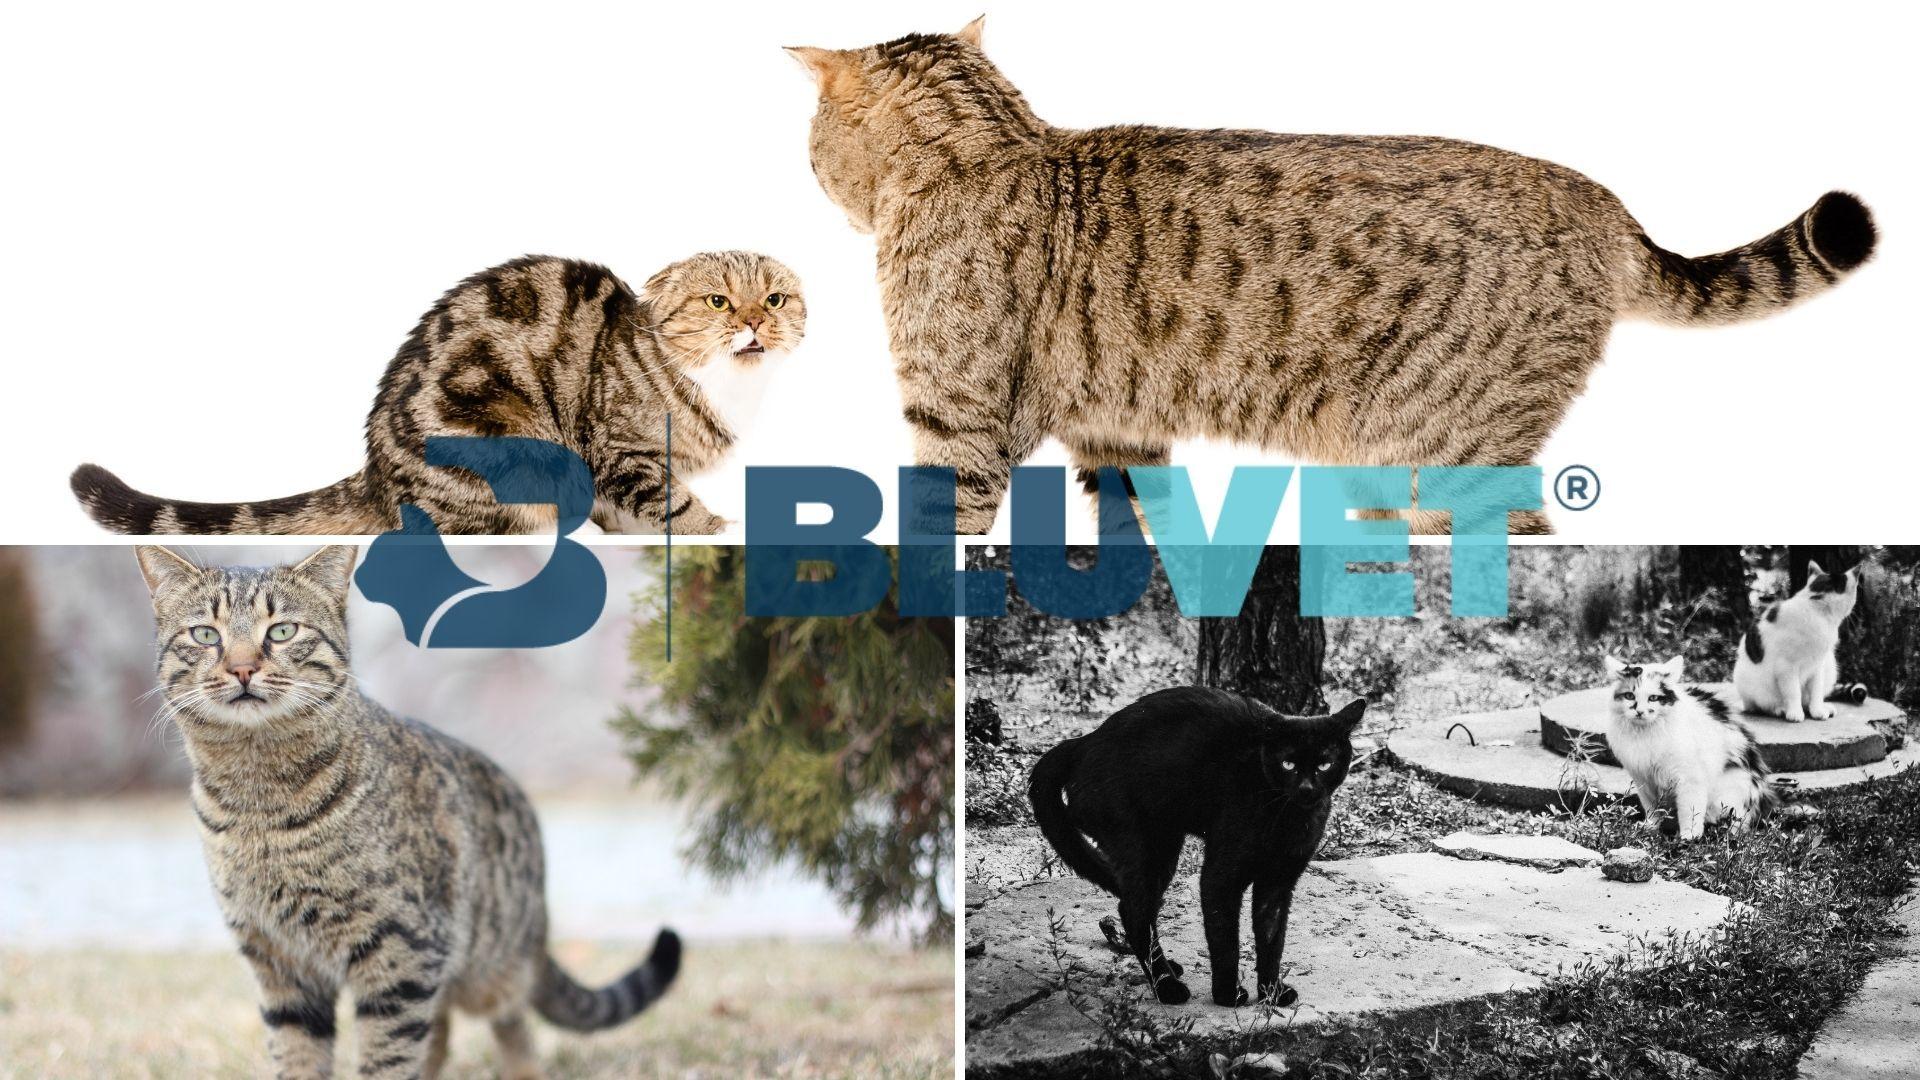 comprendere i gatti dalla posizione della coda